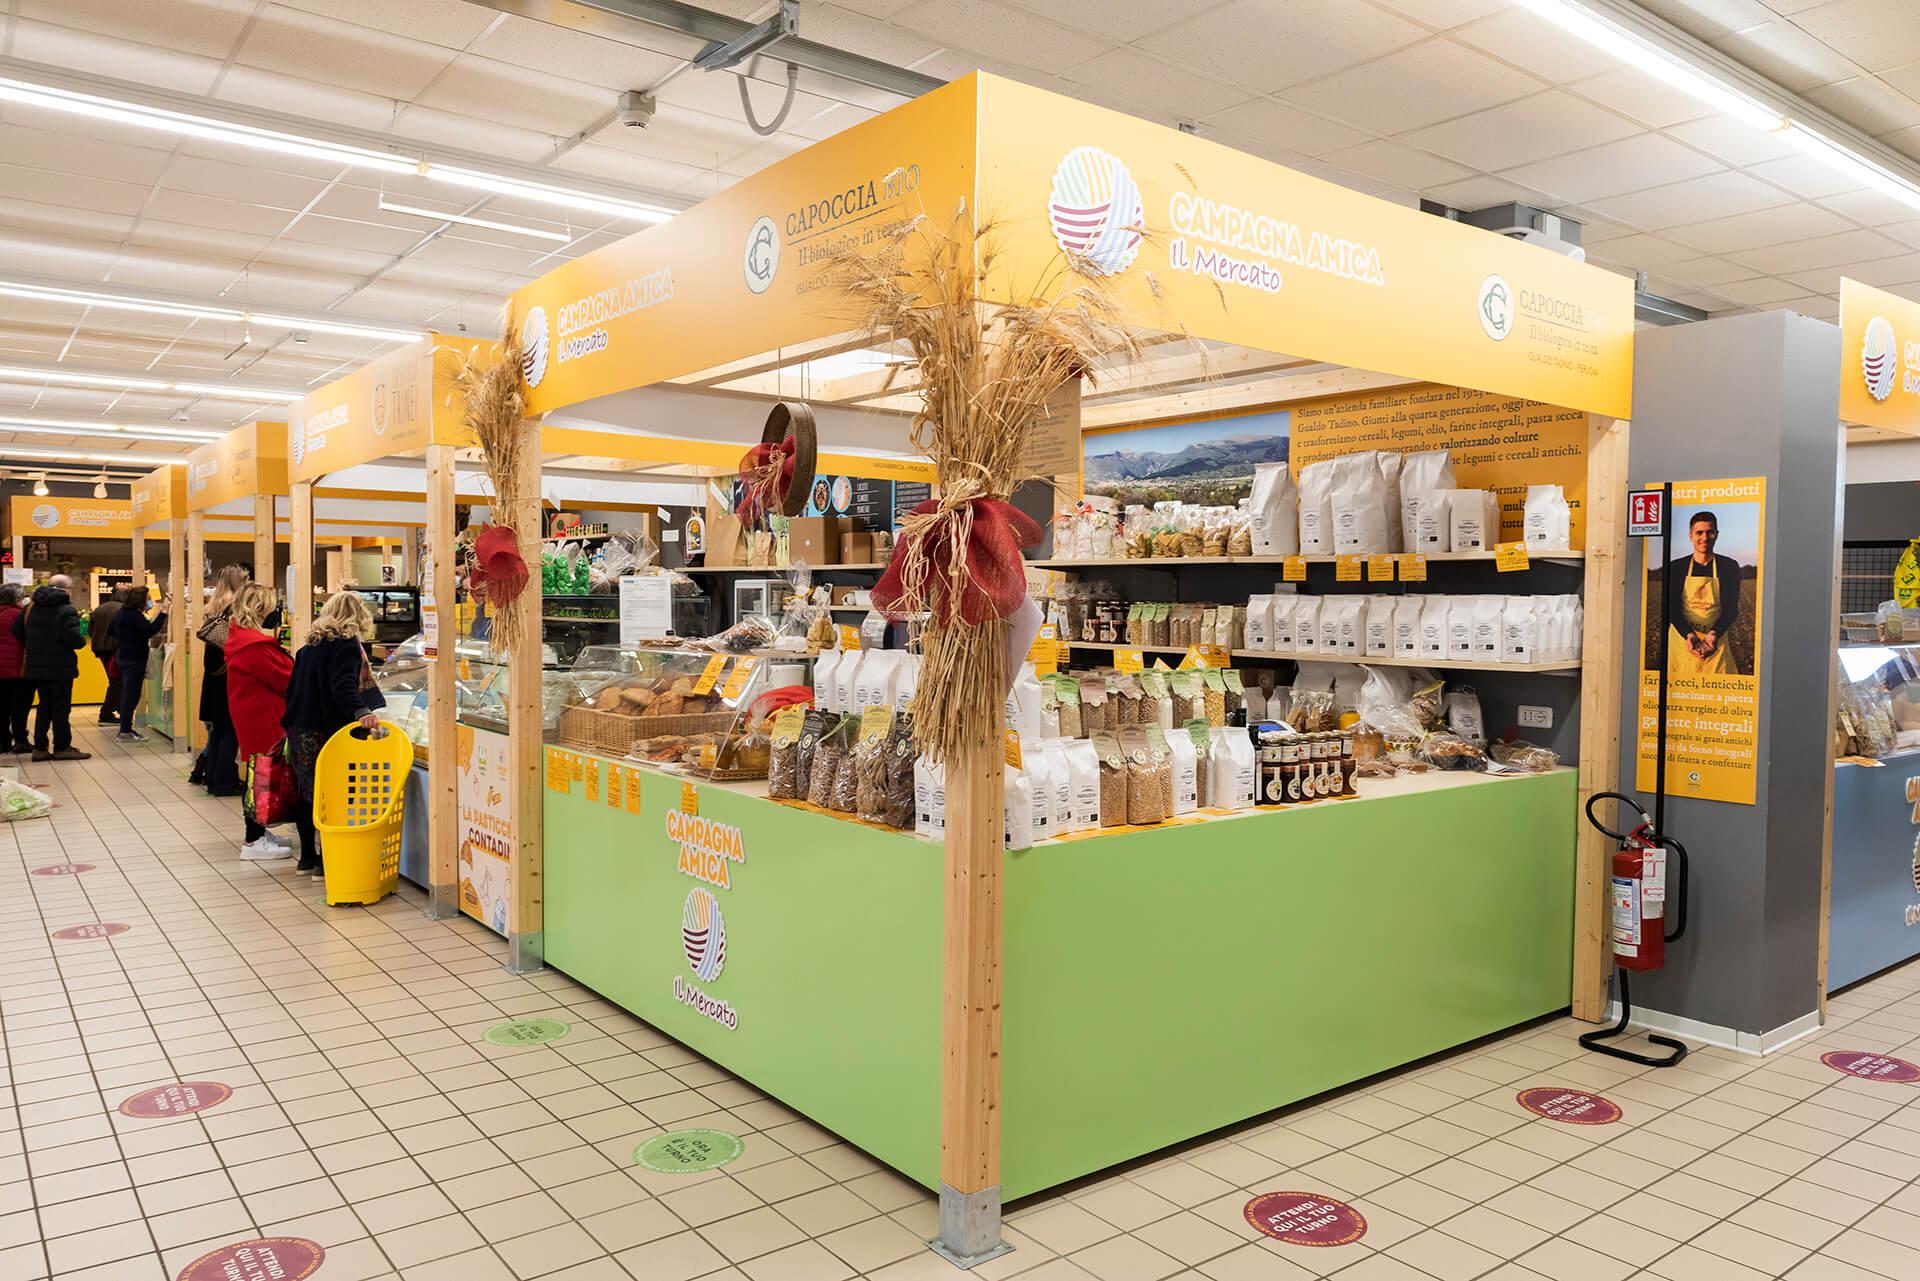 Allestimenti Grafox - Shop & Food - Campagna Amica - Coldiretti